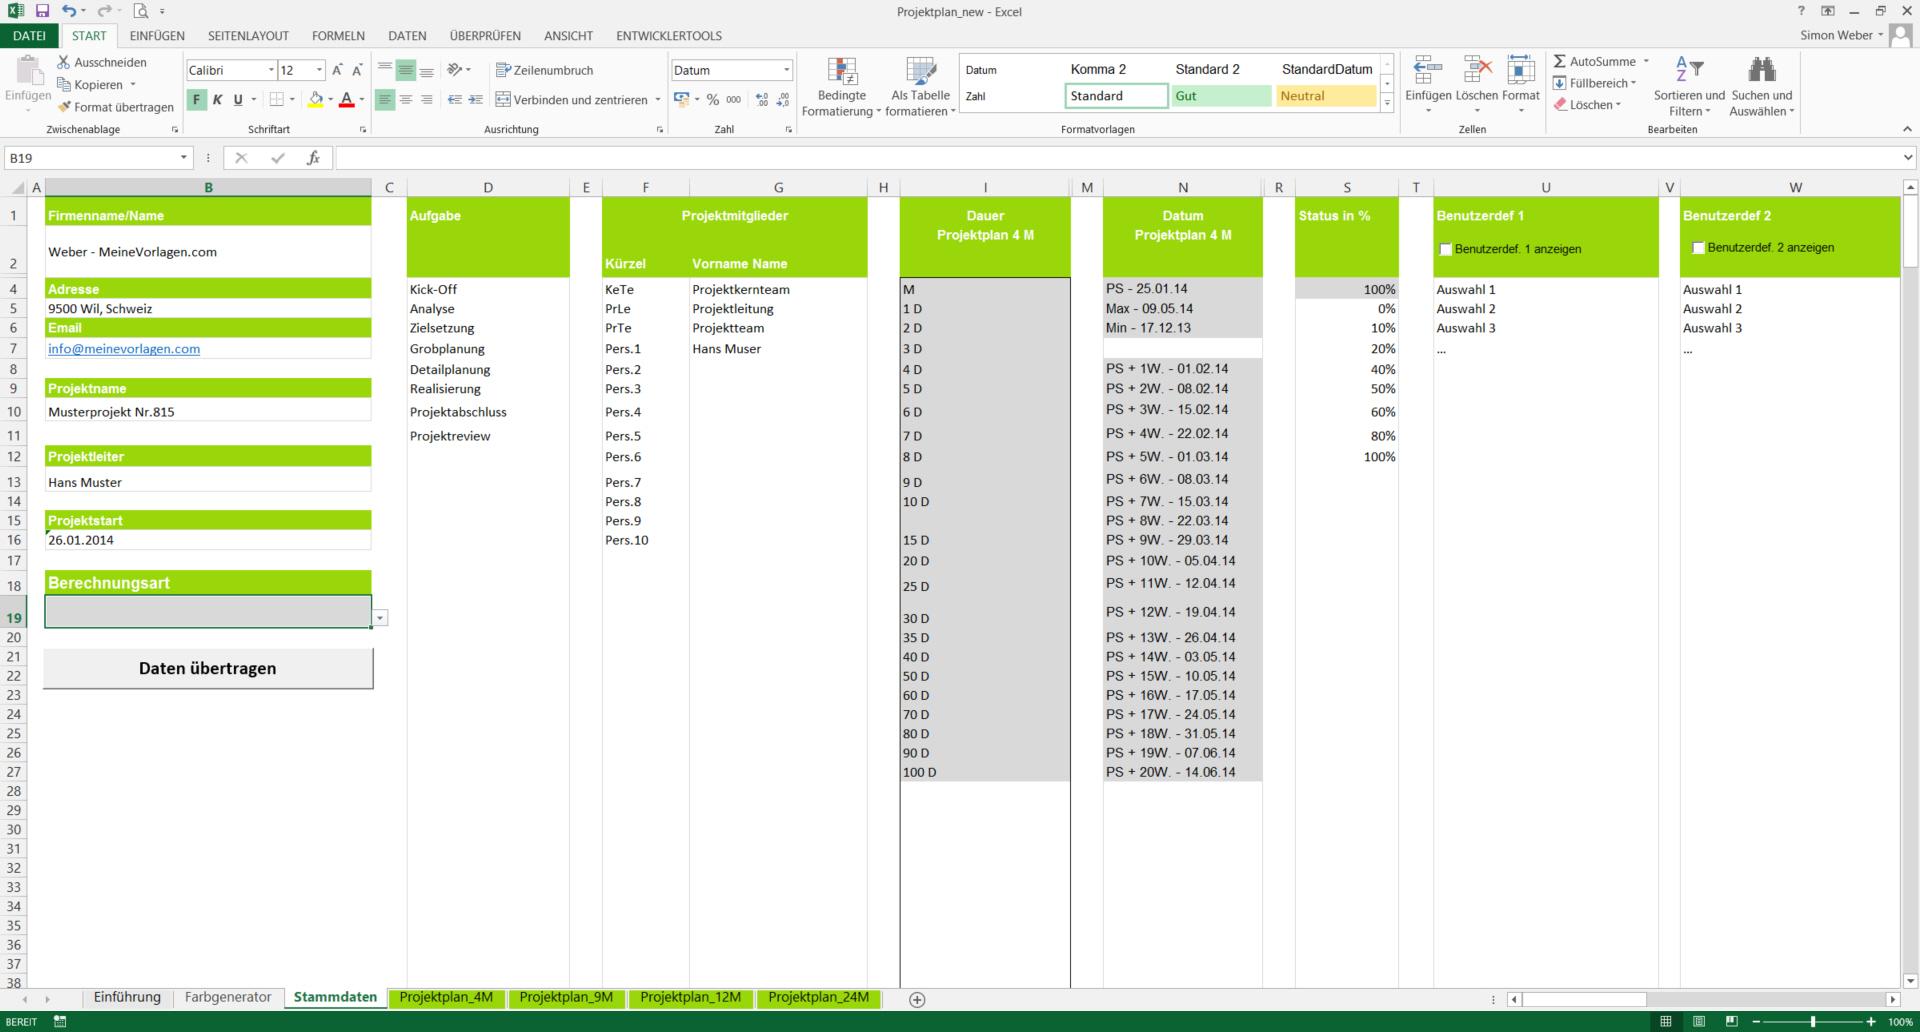 Projektplan-Excel_Stammdaten_1 | MeineVorlagen.com